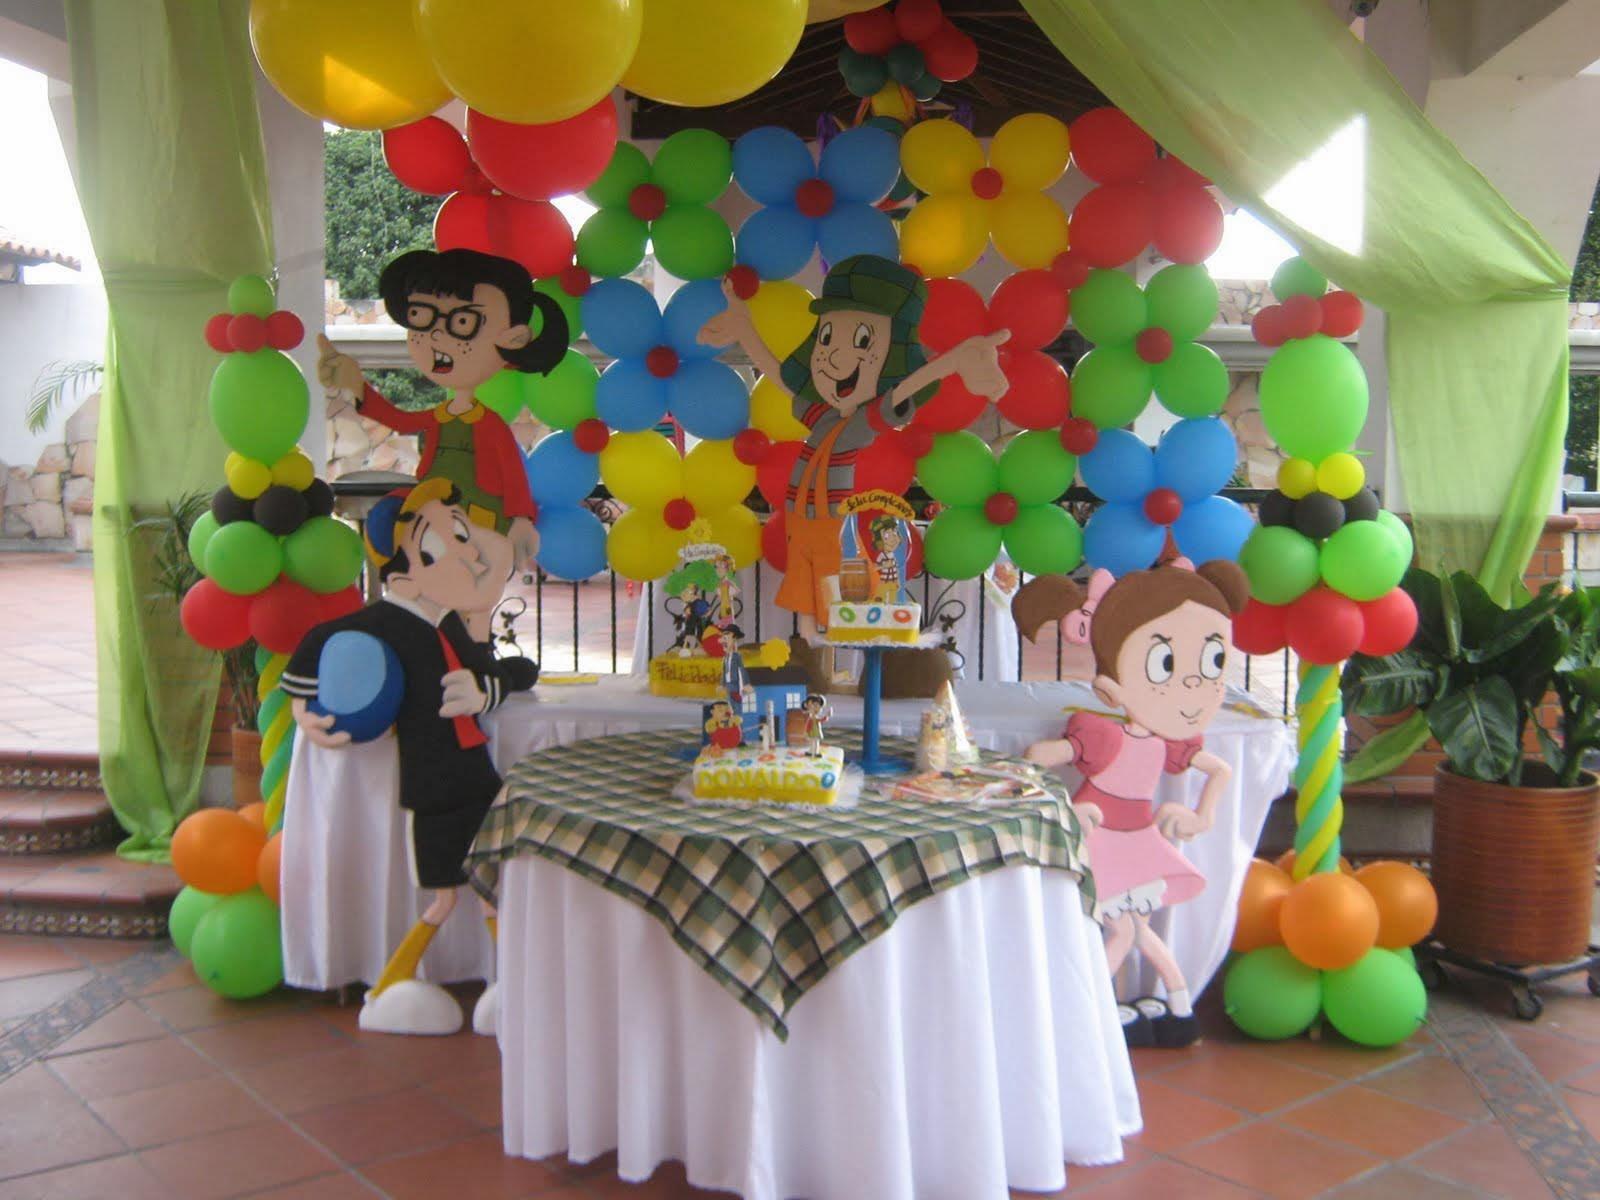 Ideas apara ahorrar al organizar fiesta infantil - Idea de decoracion ...